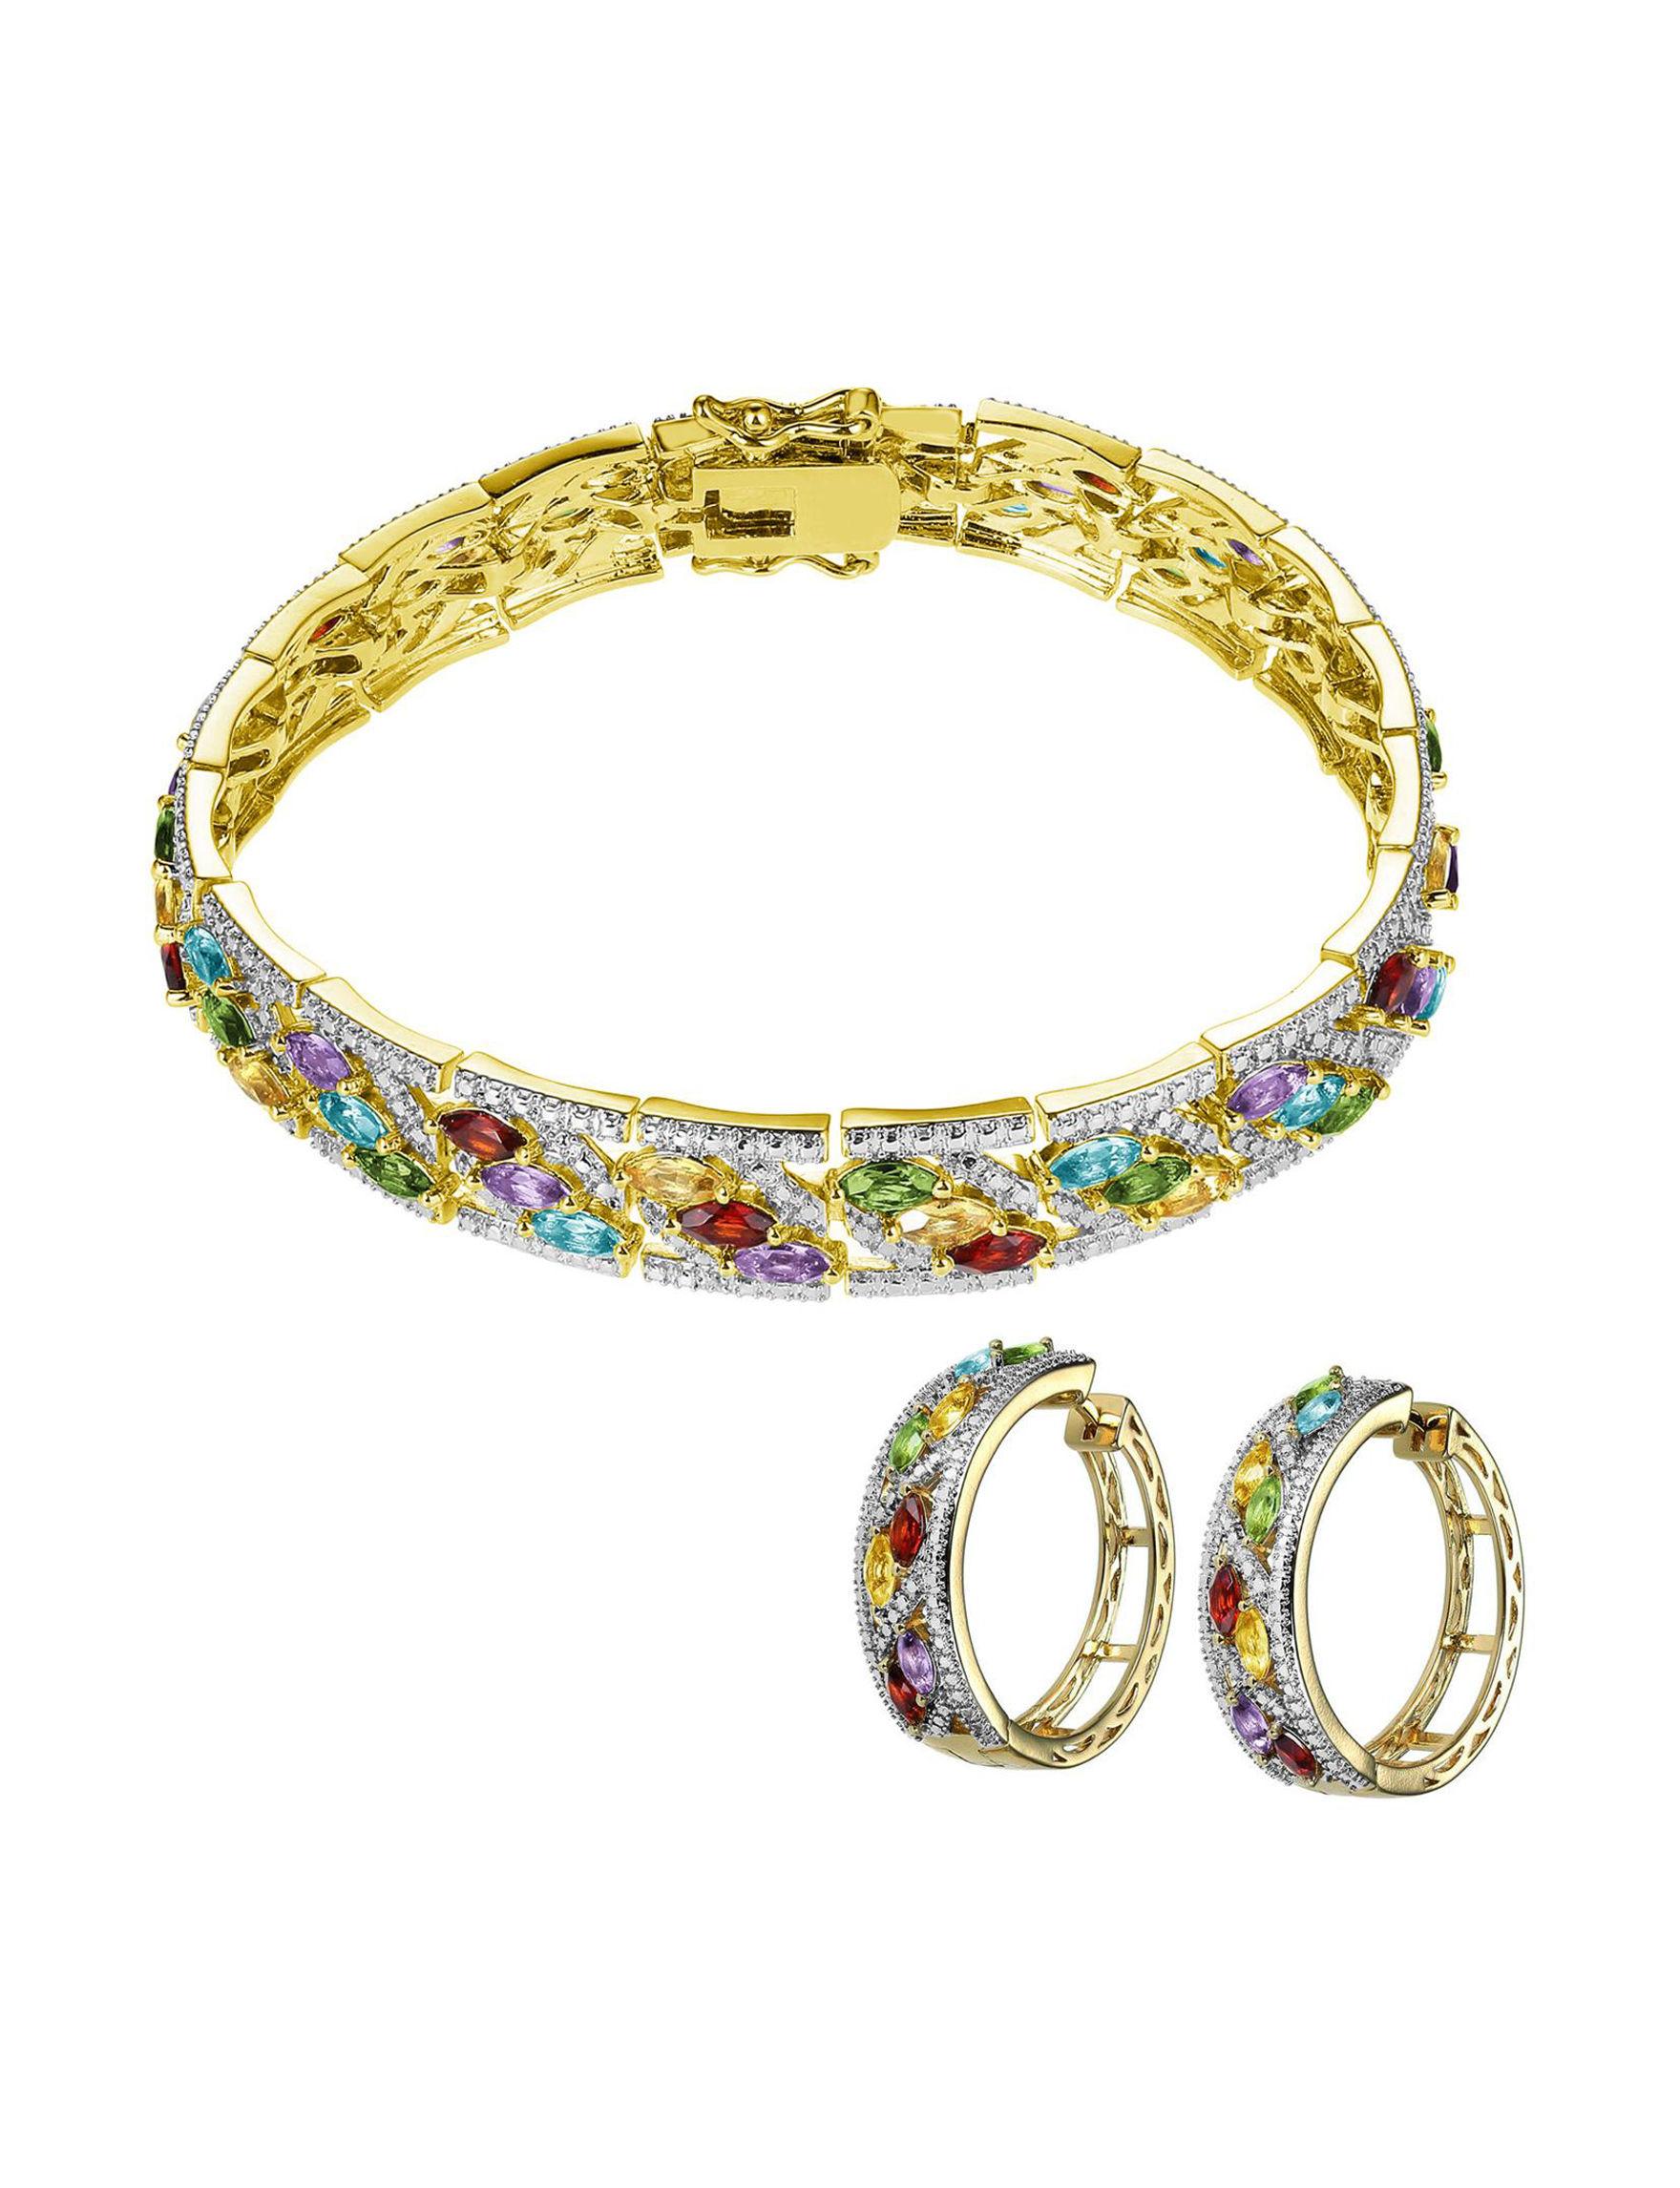 PAJ INC. Gold Hoops Bracelets Earrings Necklaces & Pendants Fine Jewelry